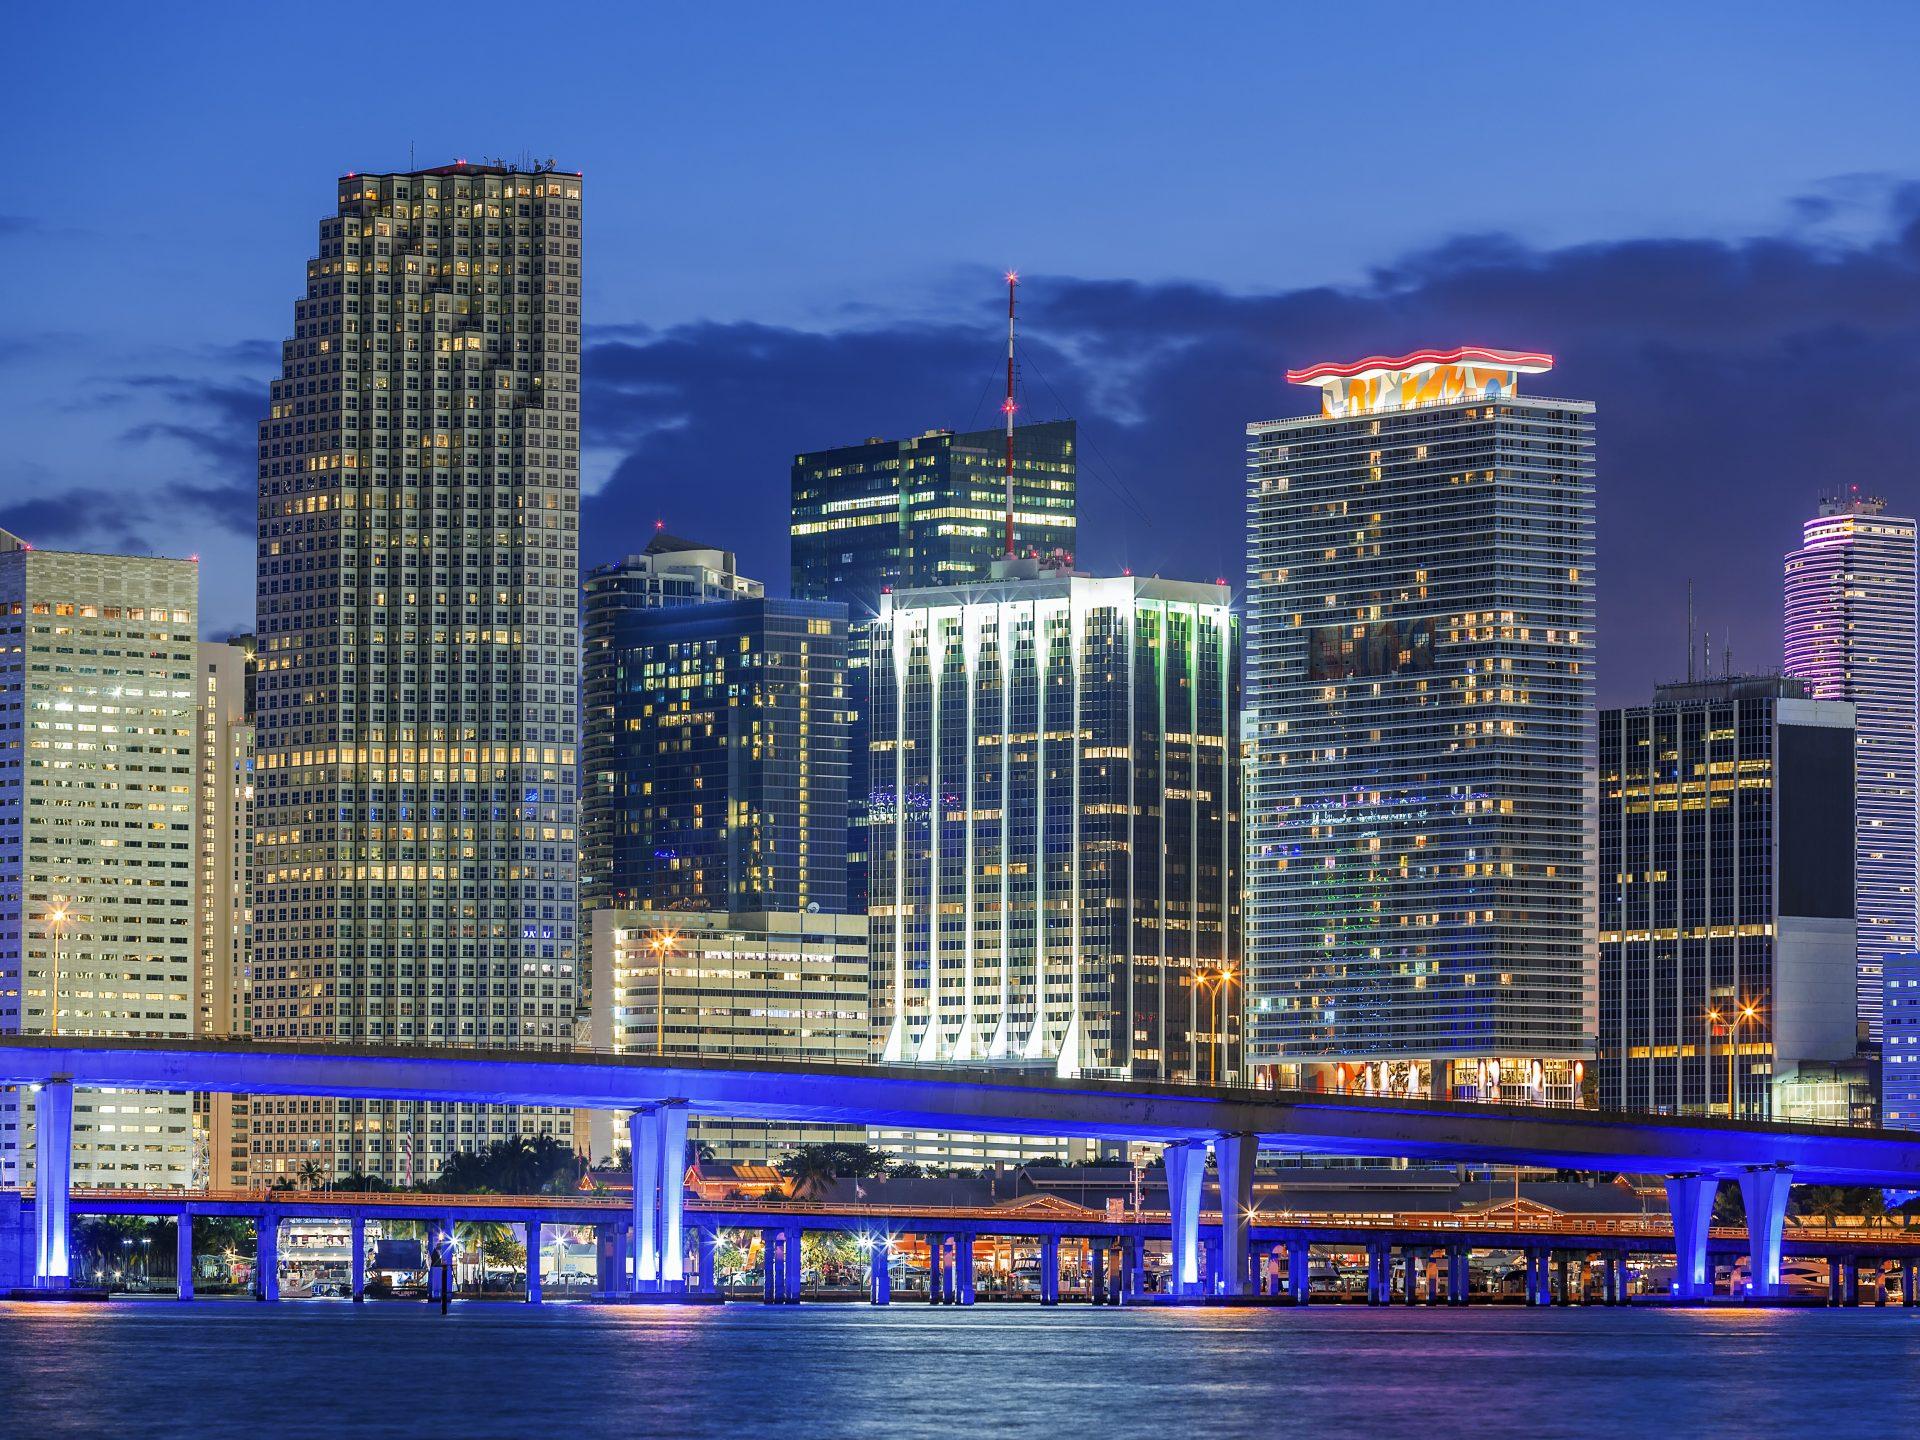 Miami Florida, by night, USA